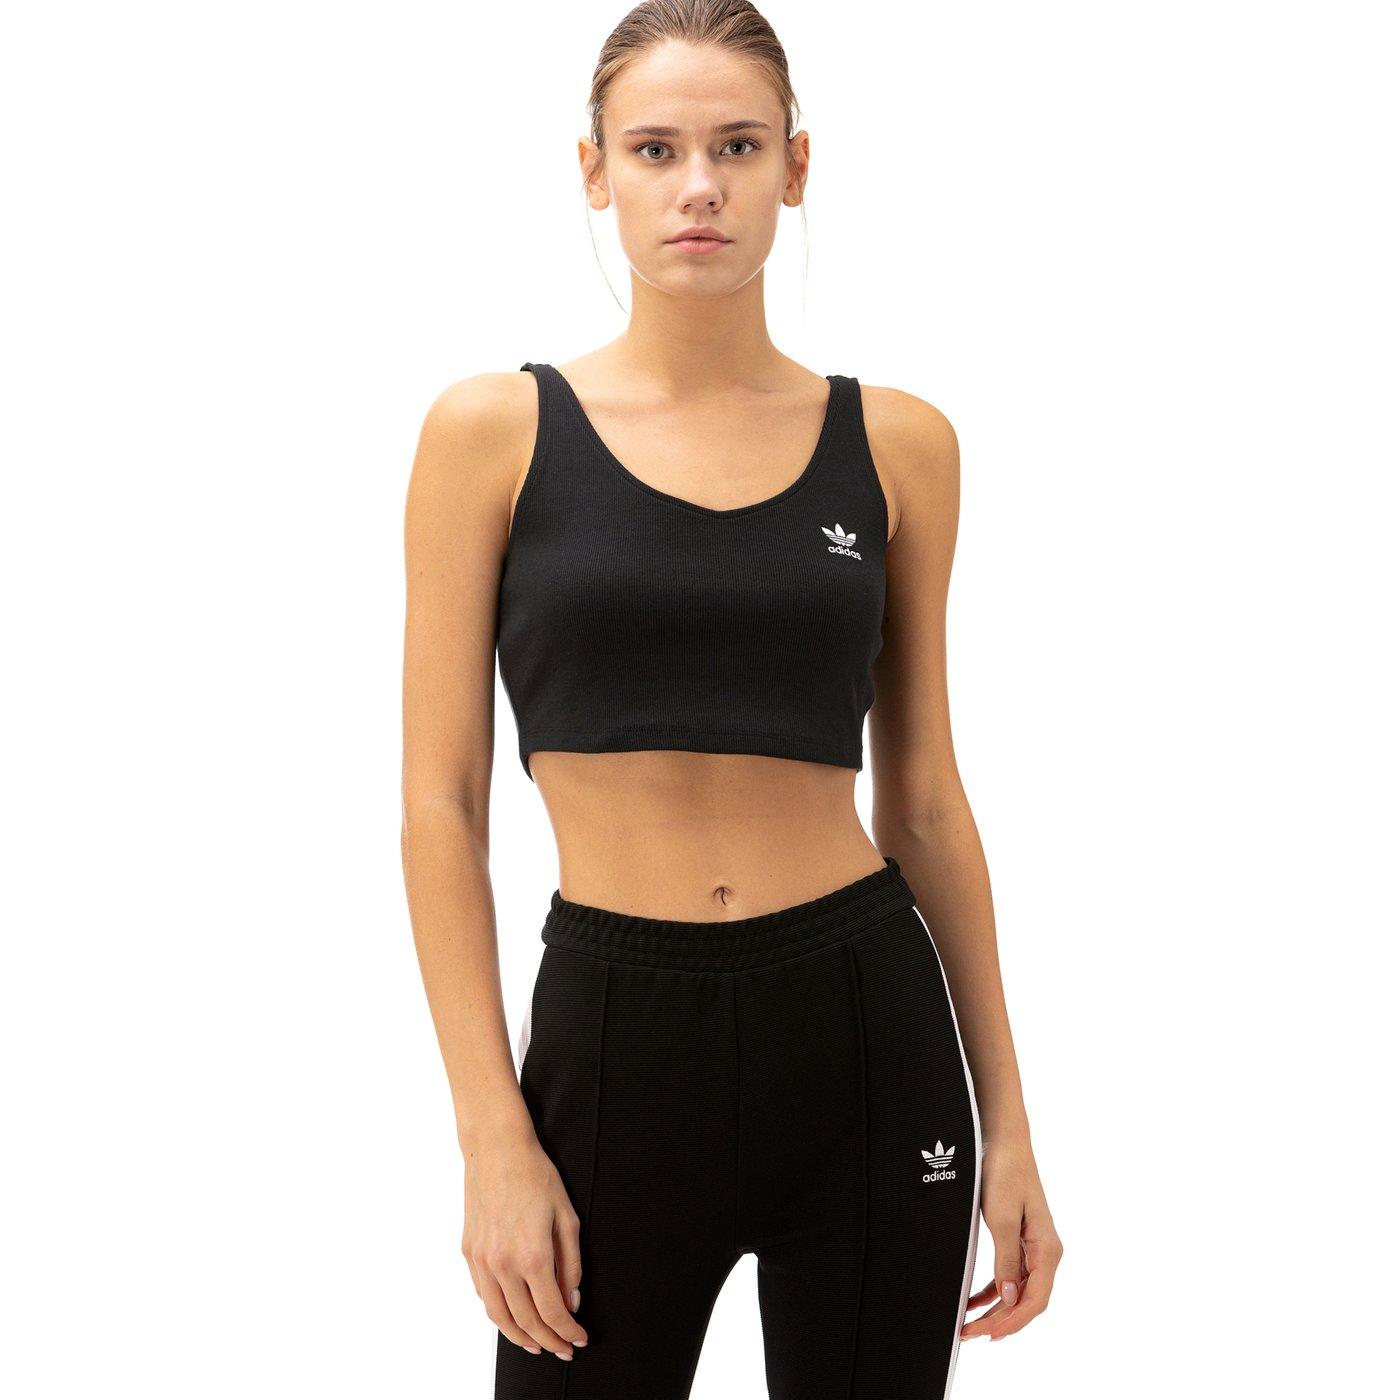 adidas Styling Complements Kadın Siyah Bra